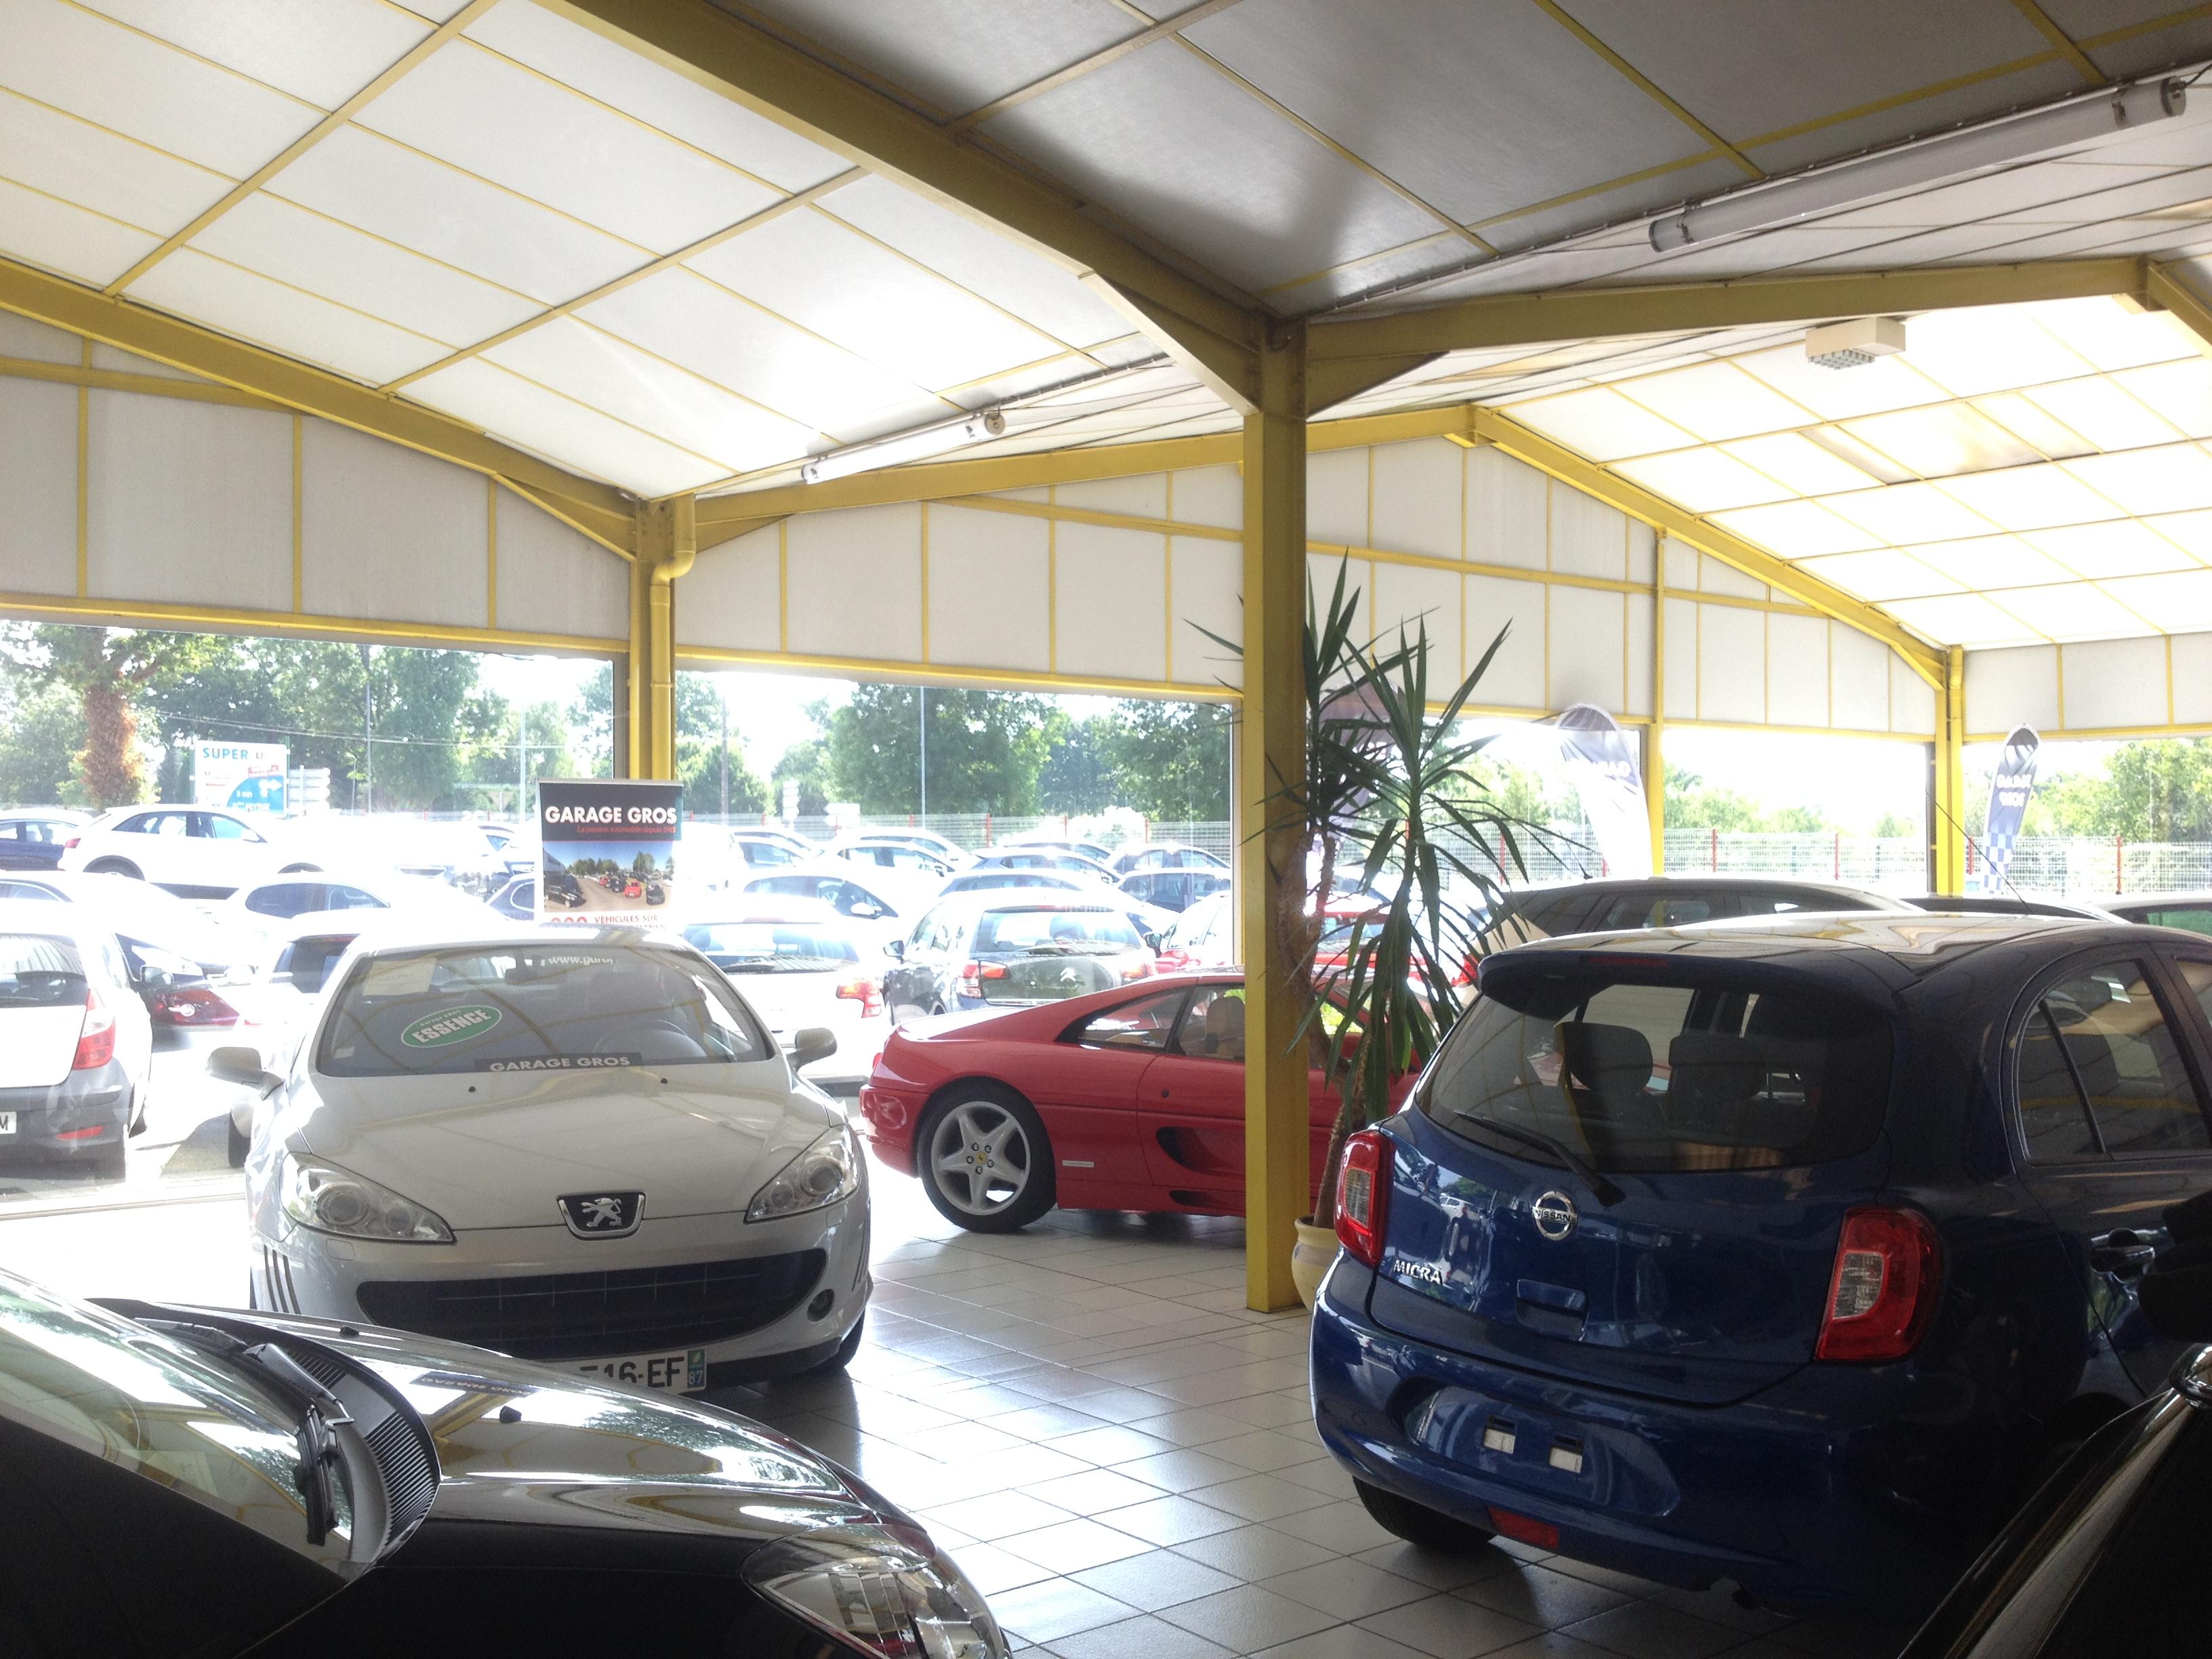 Garage Feytiat à présentation de la société - garage gros